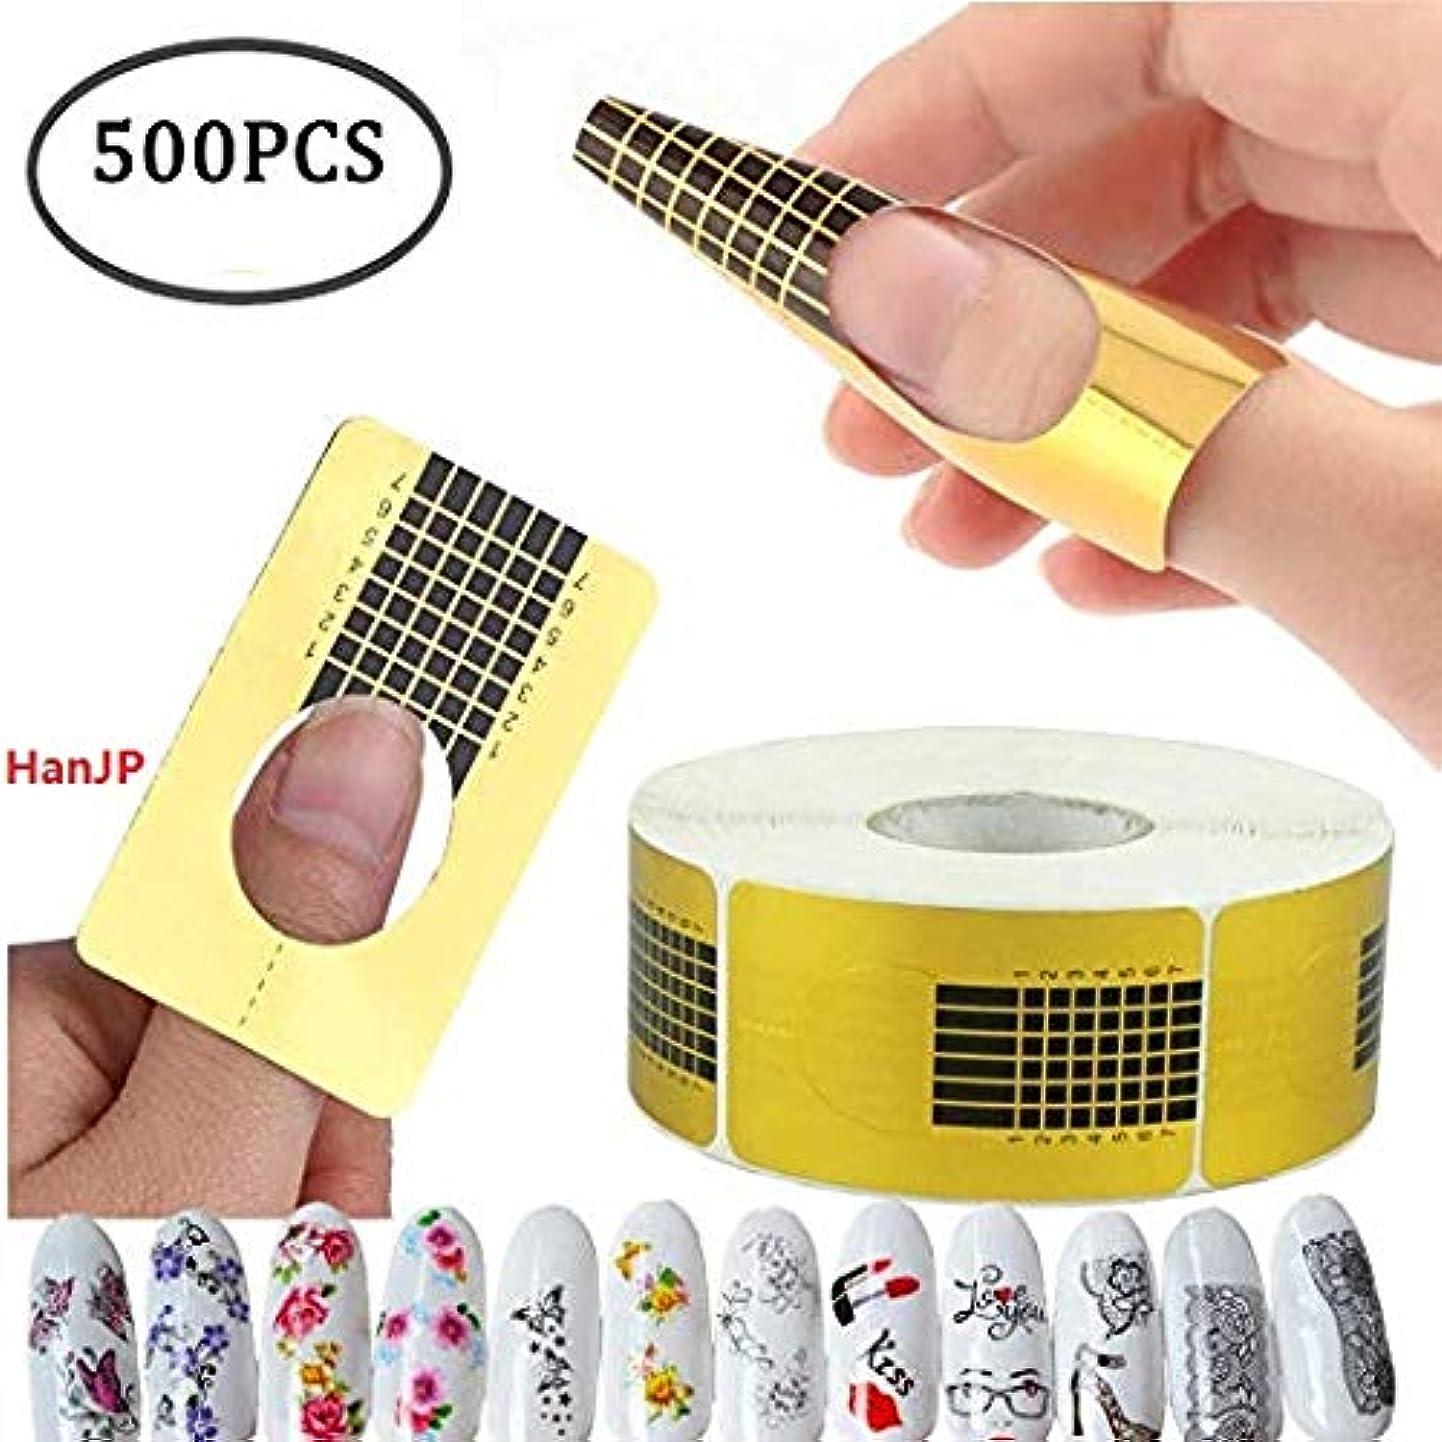 ラメふくろう縮れた500ピース1ロールネイルアートスタイリングのヒント拡張ガイドフレンチdiyツールアクリルジェルポリッシュUVジェルツールゴールデンホースシュー形状ネイル形状ステッカーマニキュア装飾 500pcs 1 Roll Nail Art Styling Tips Extension Form Guide Golden Horseshoe Shape Nail Shape Stickers